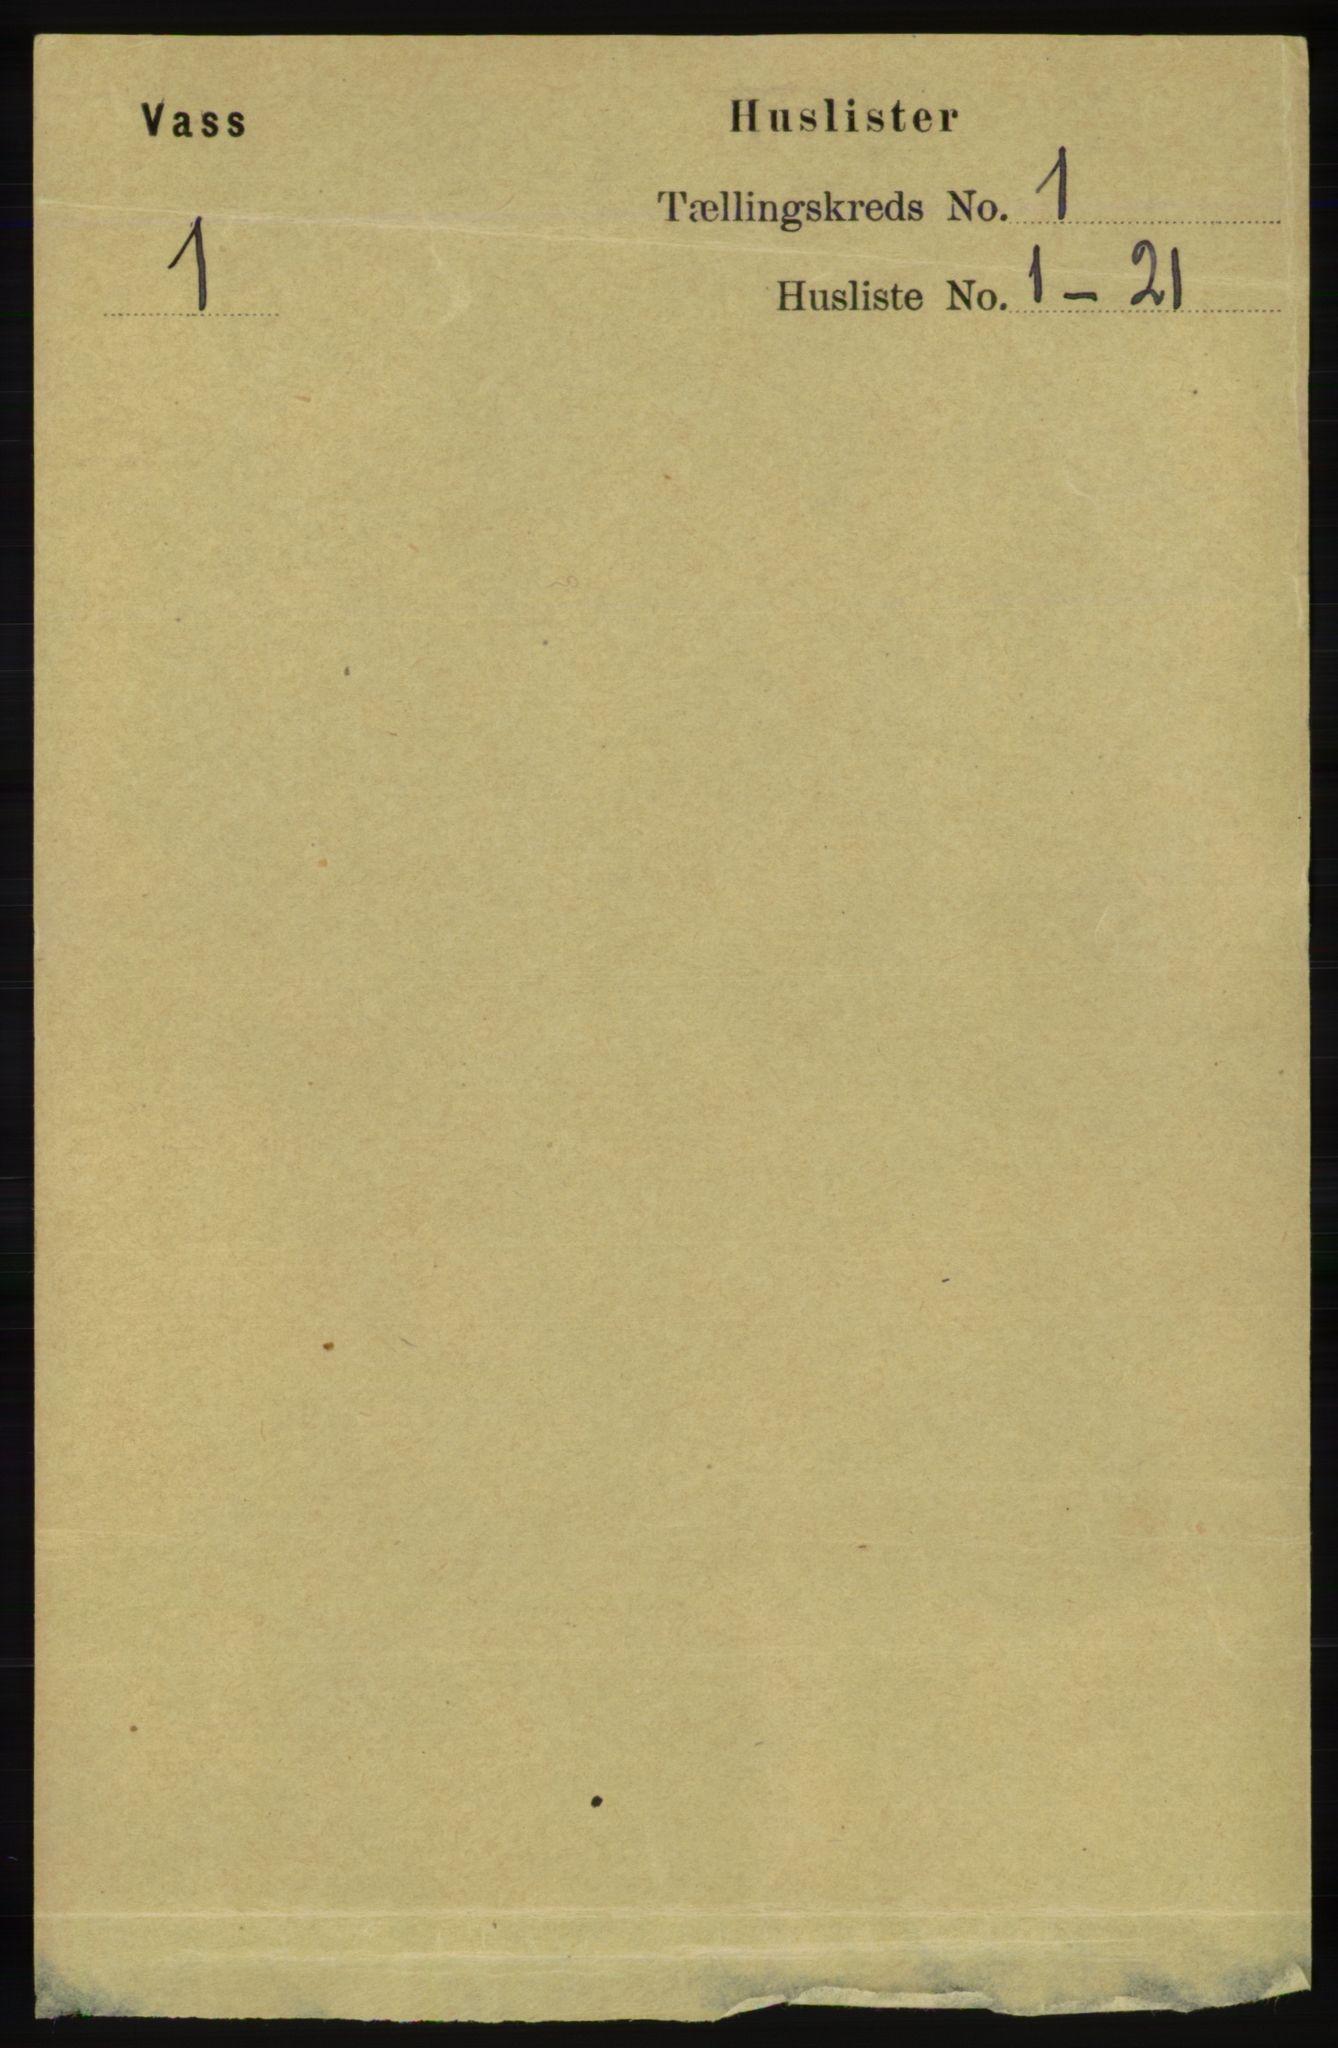 RA, Folketelling 1891 for 1155 Vats herred, 1891, s. 22